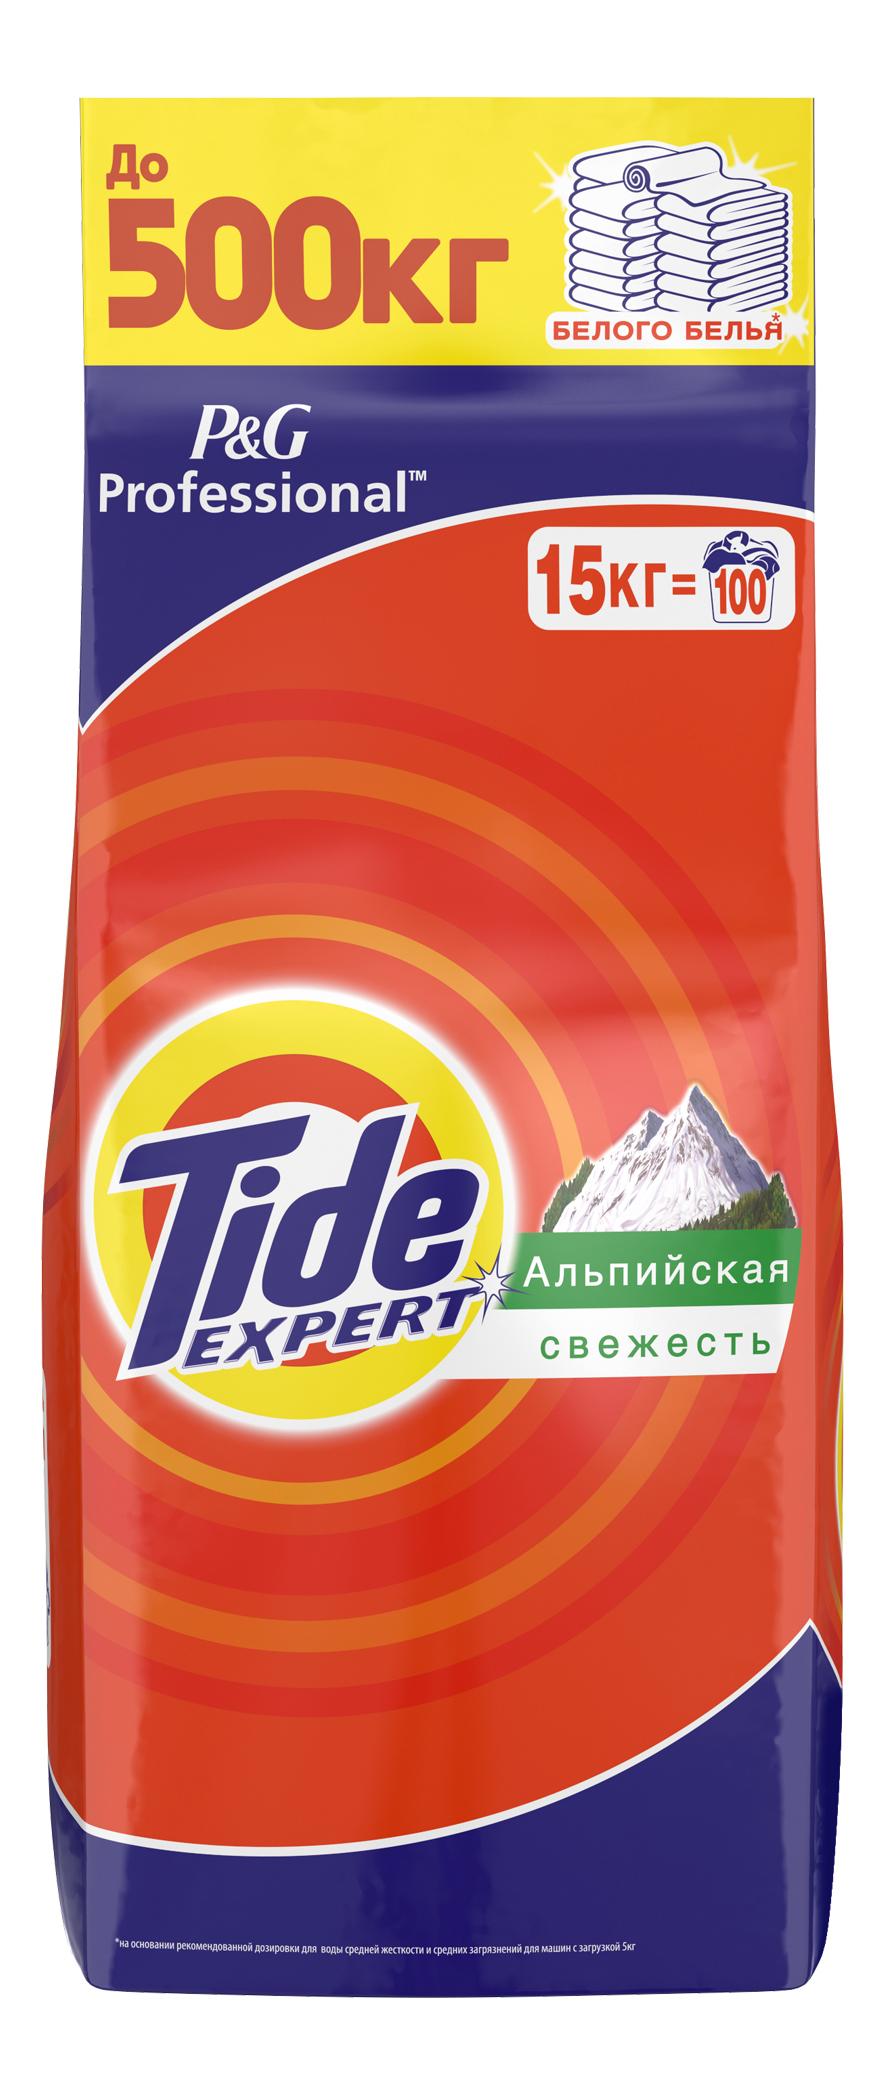 Порошок для стирки Tide expert альпийская свежесть